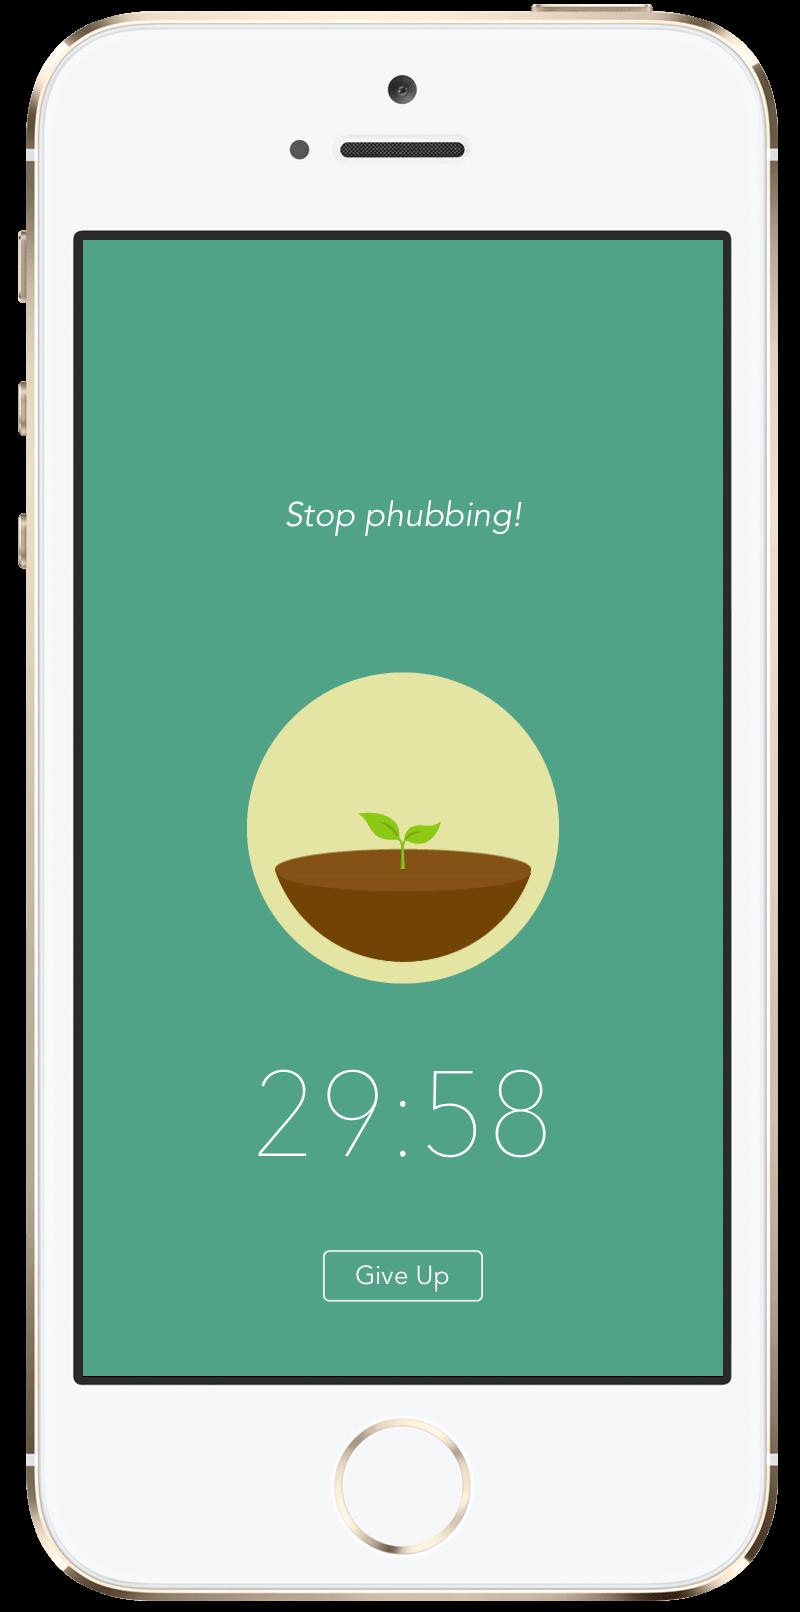 7 крутых виджетов для Android, которые я советую попробовать -